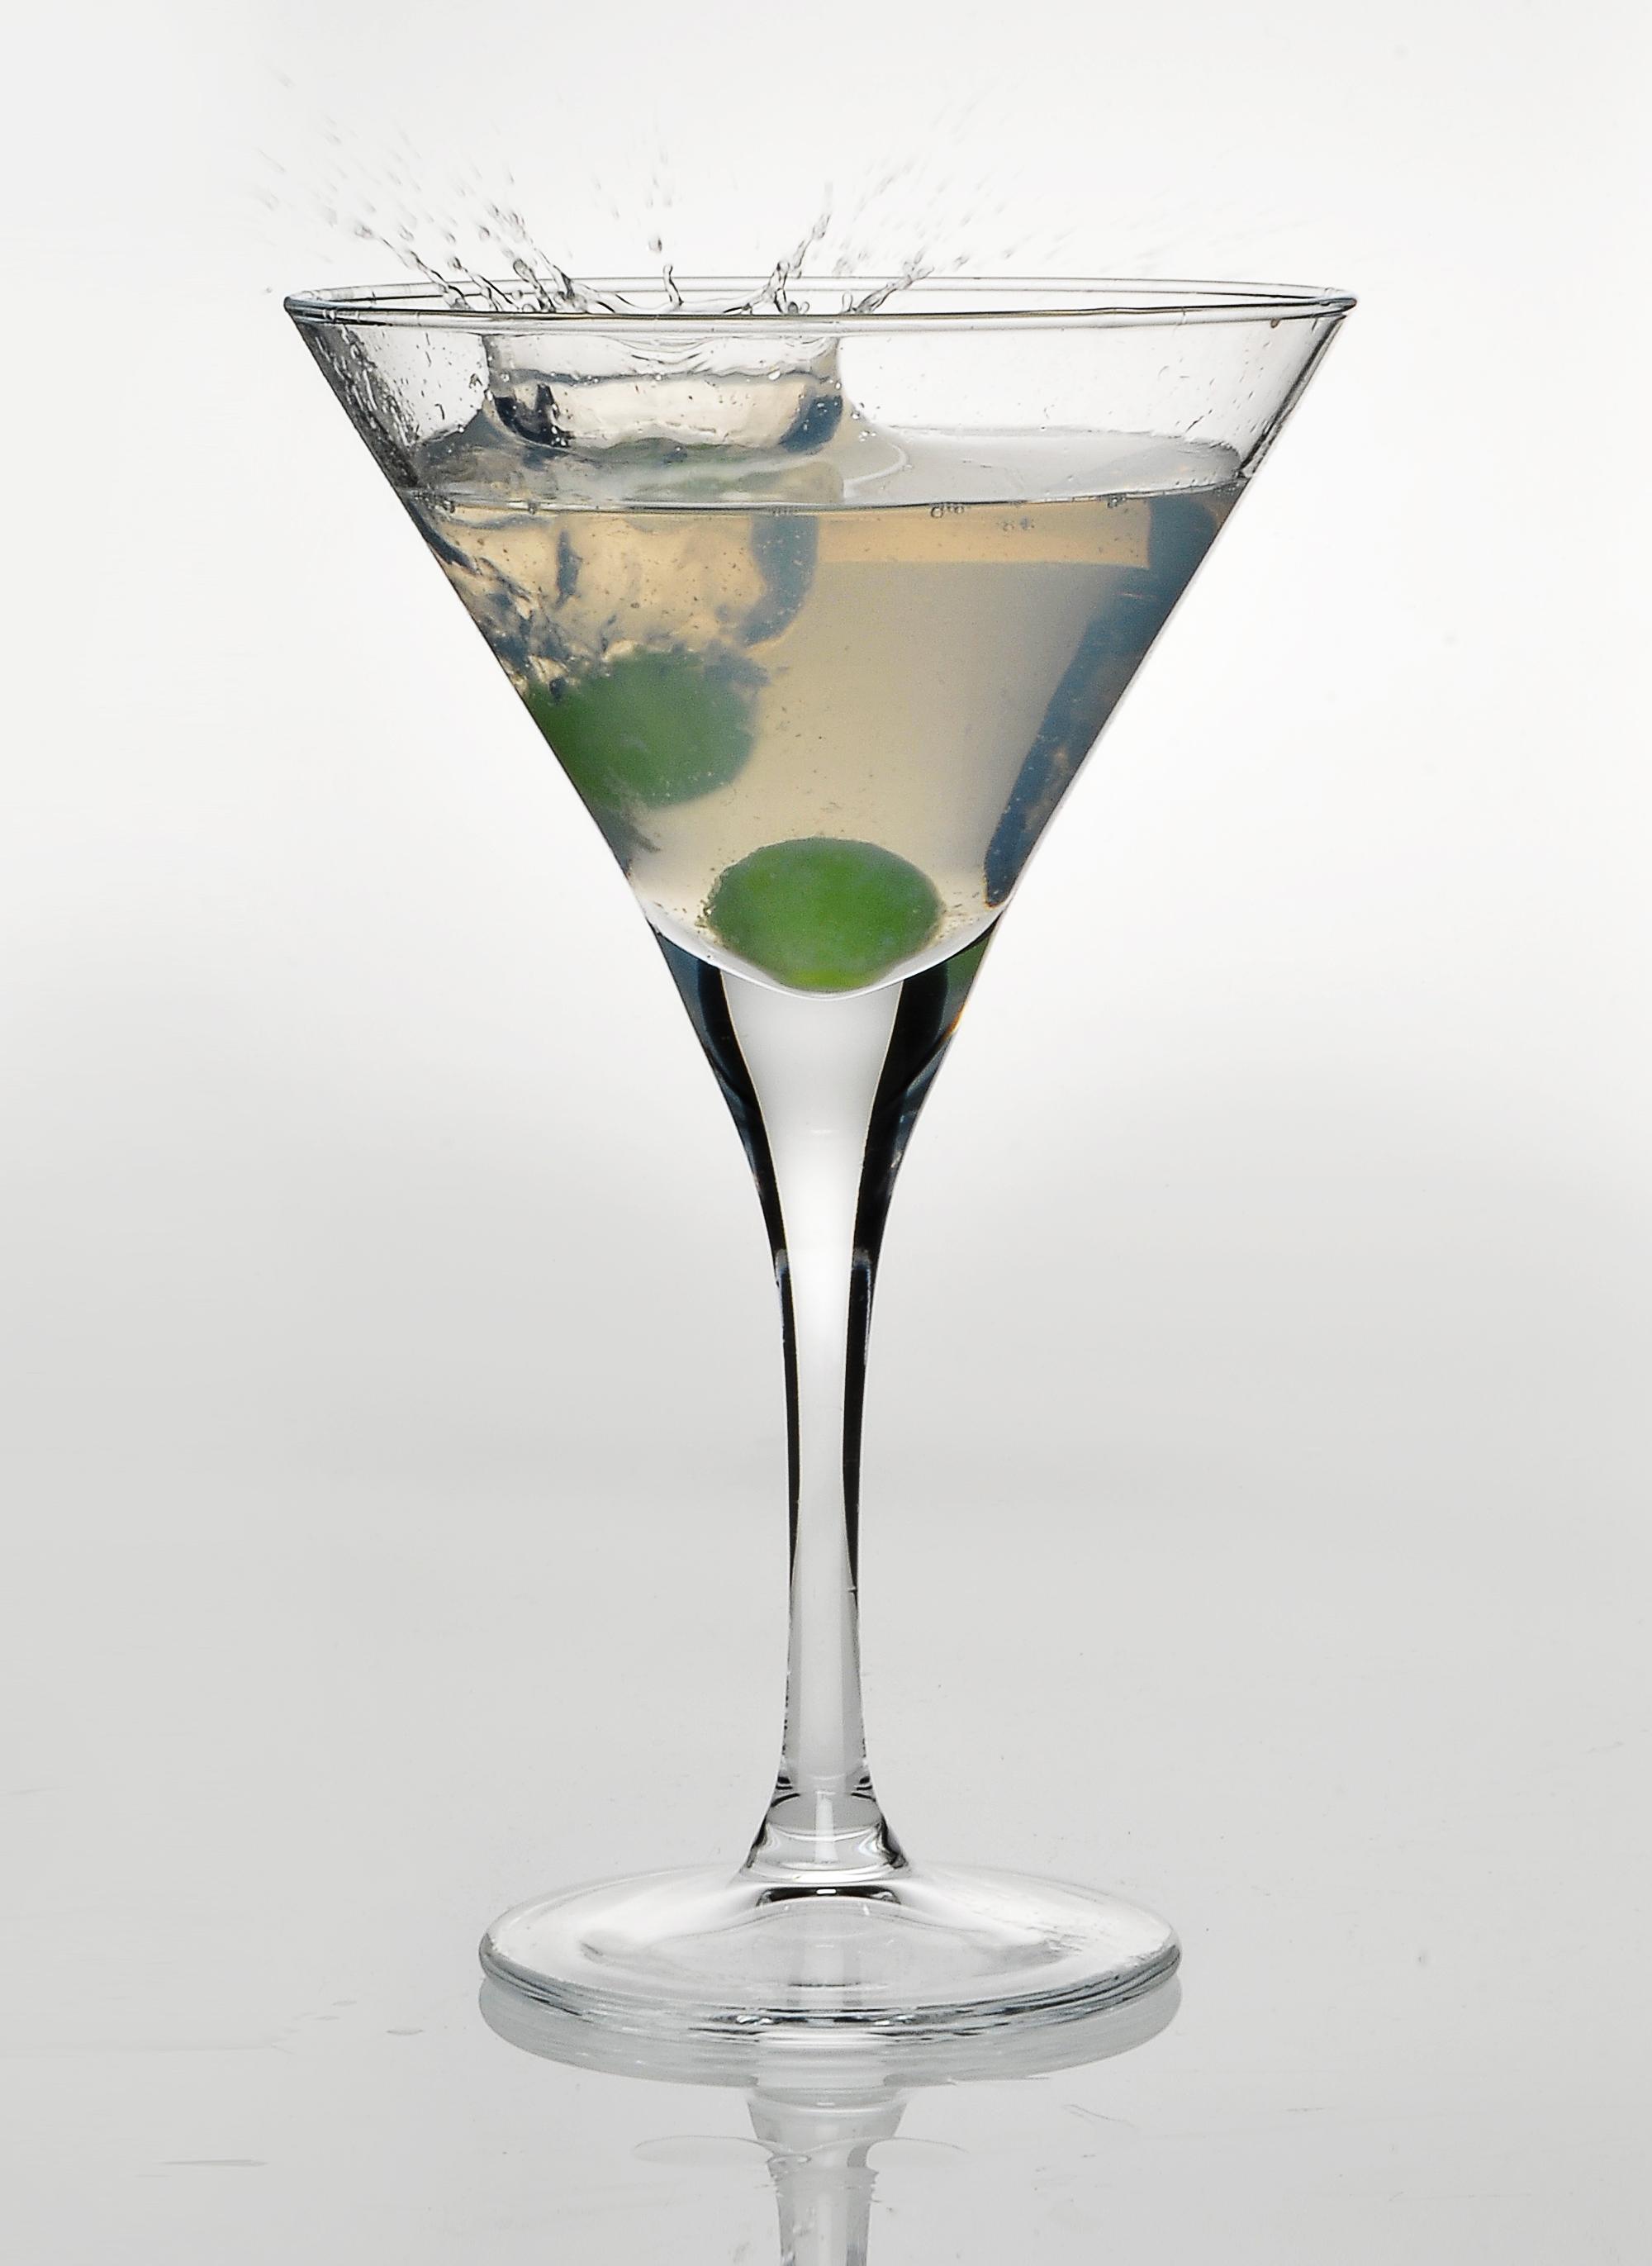 12 st ck martini gl ser cocktail gl ser schalen cocktailglas 246ml sektschale. Black Bedroom Furniture Sets. Home Design Ideas